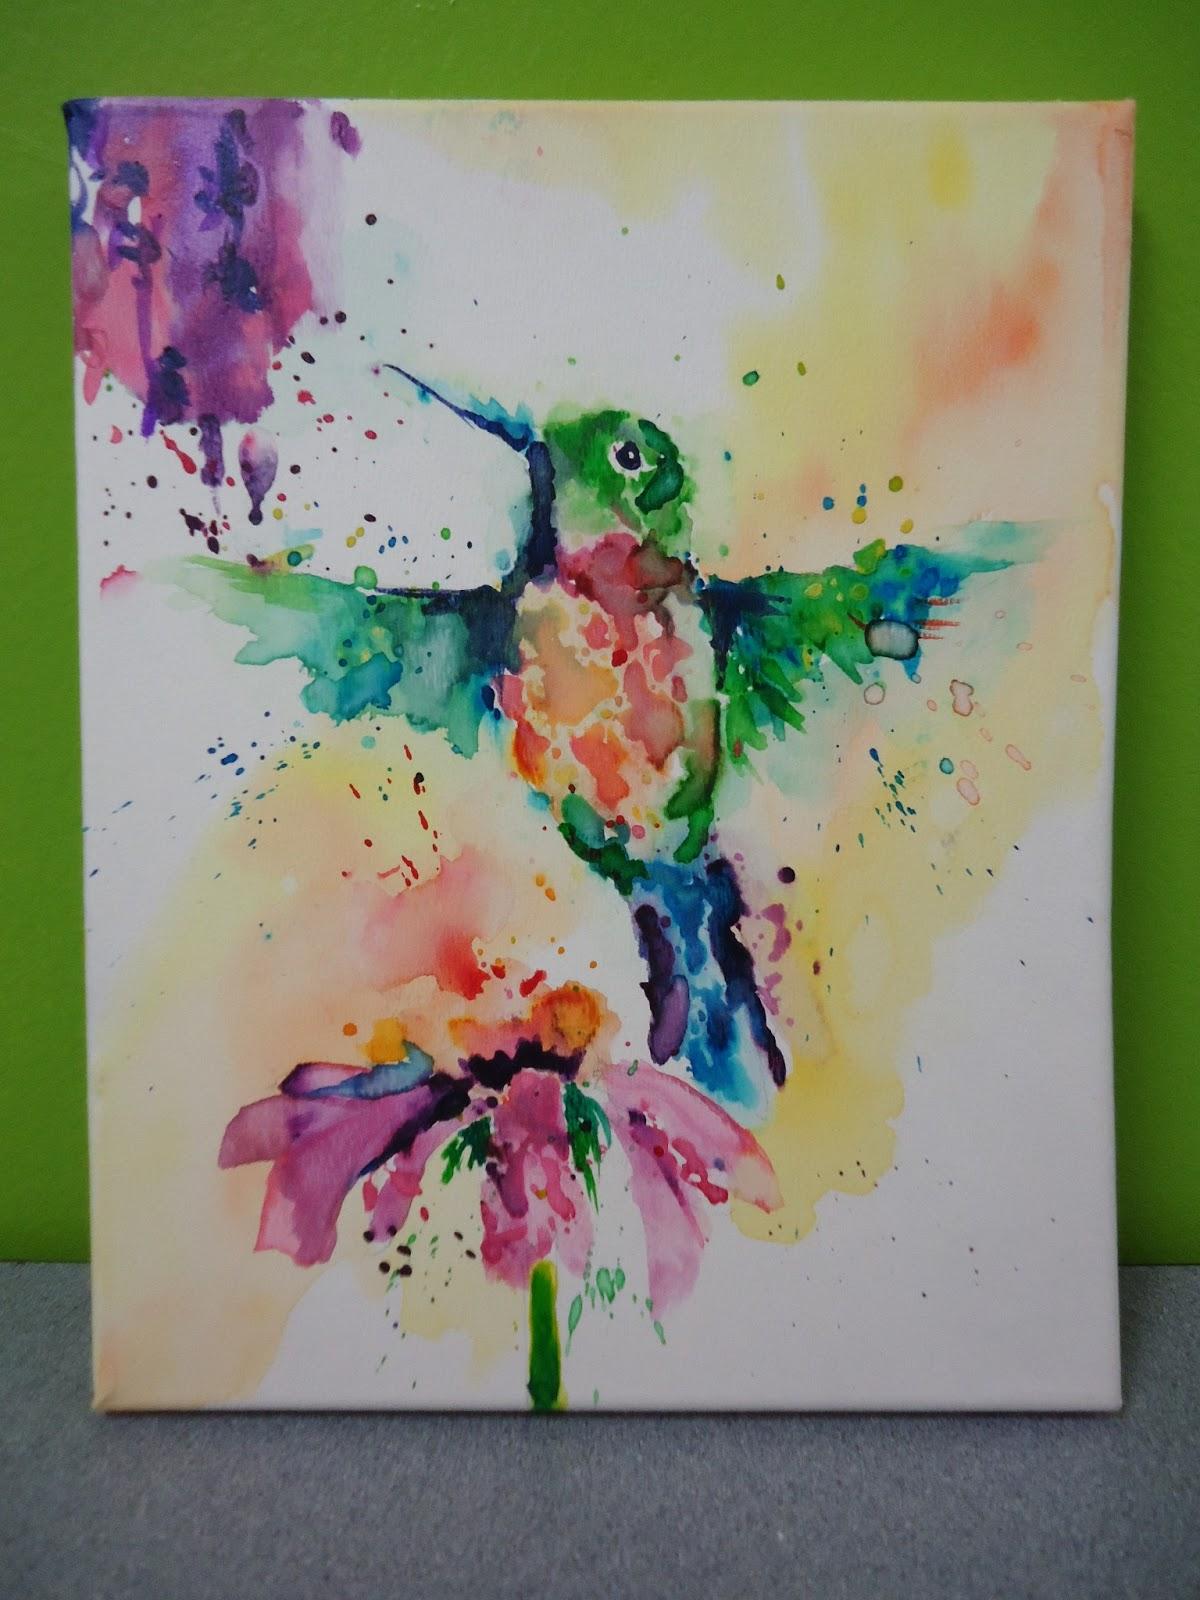 Mini Matisse Loose Watercolor Painting